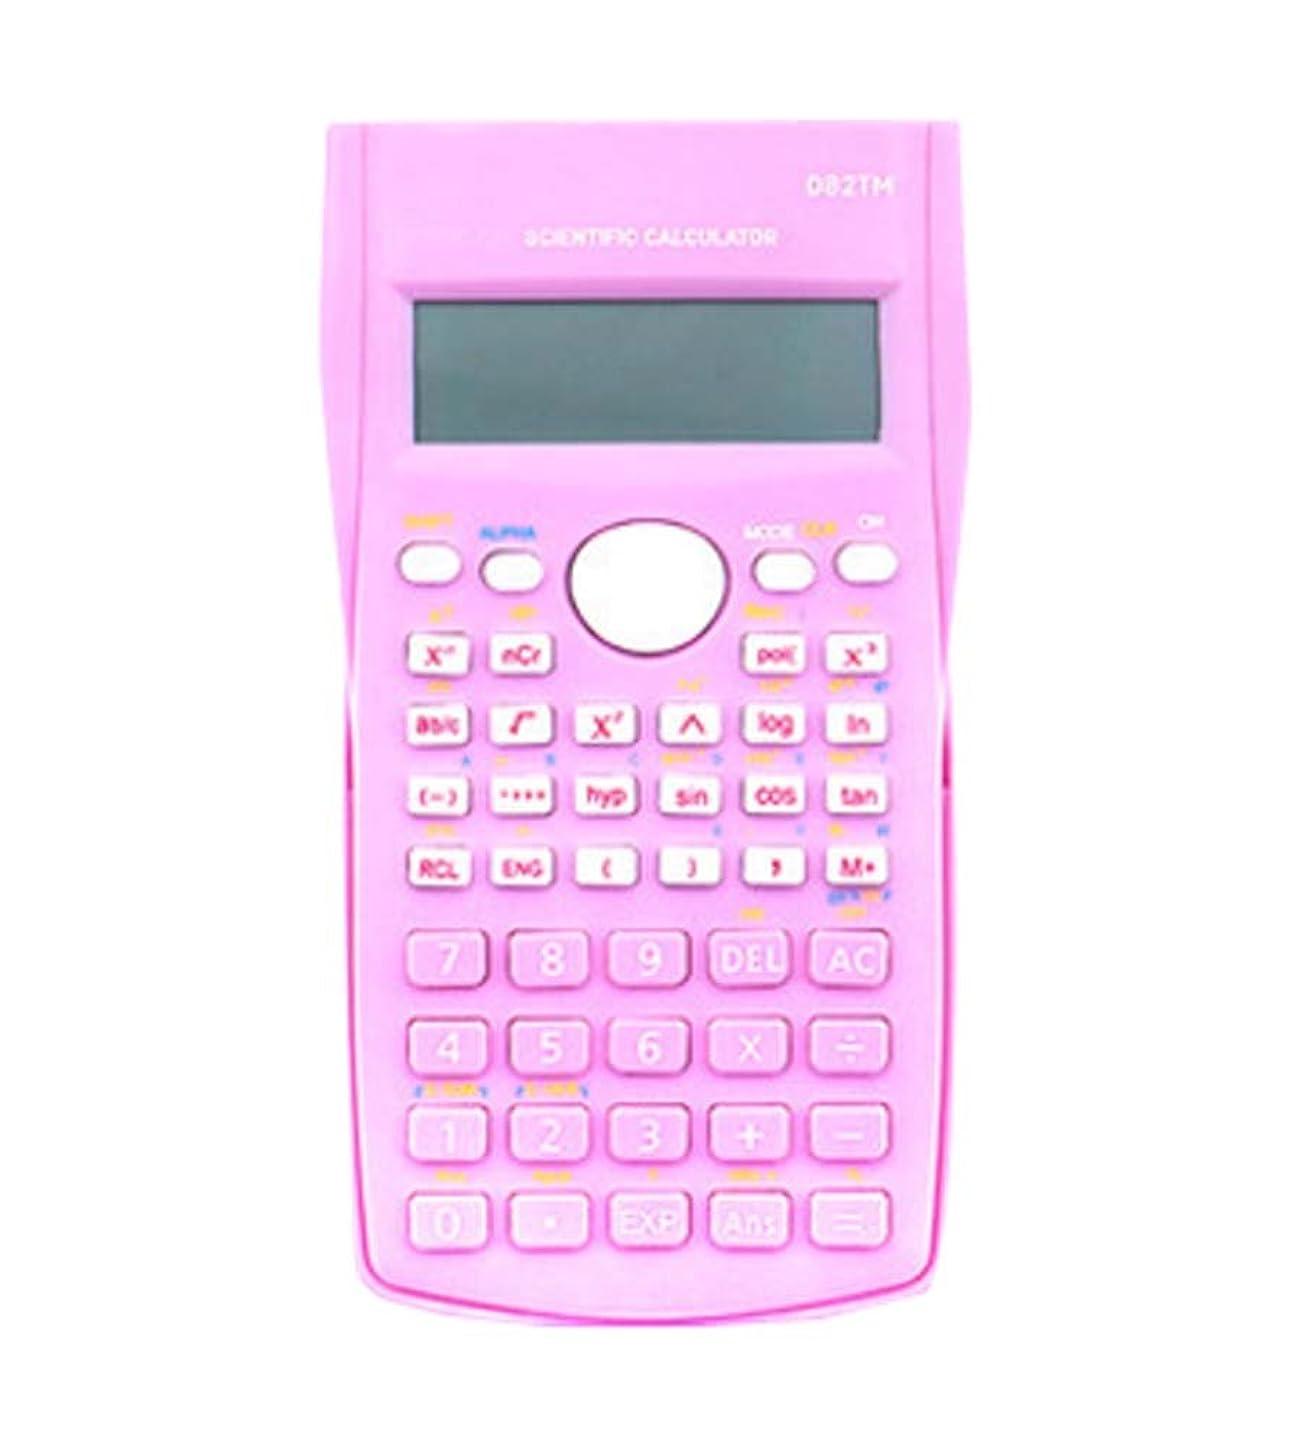 楽観突進ジョグ科学電卓、エンジニアリング電卓 - 事務用品、ピンク